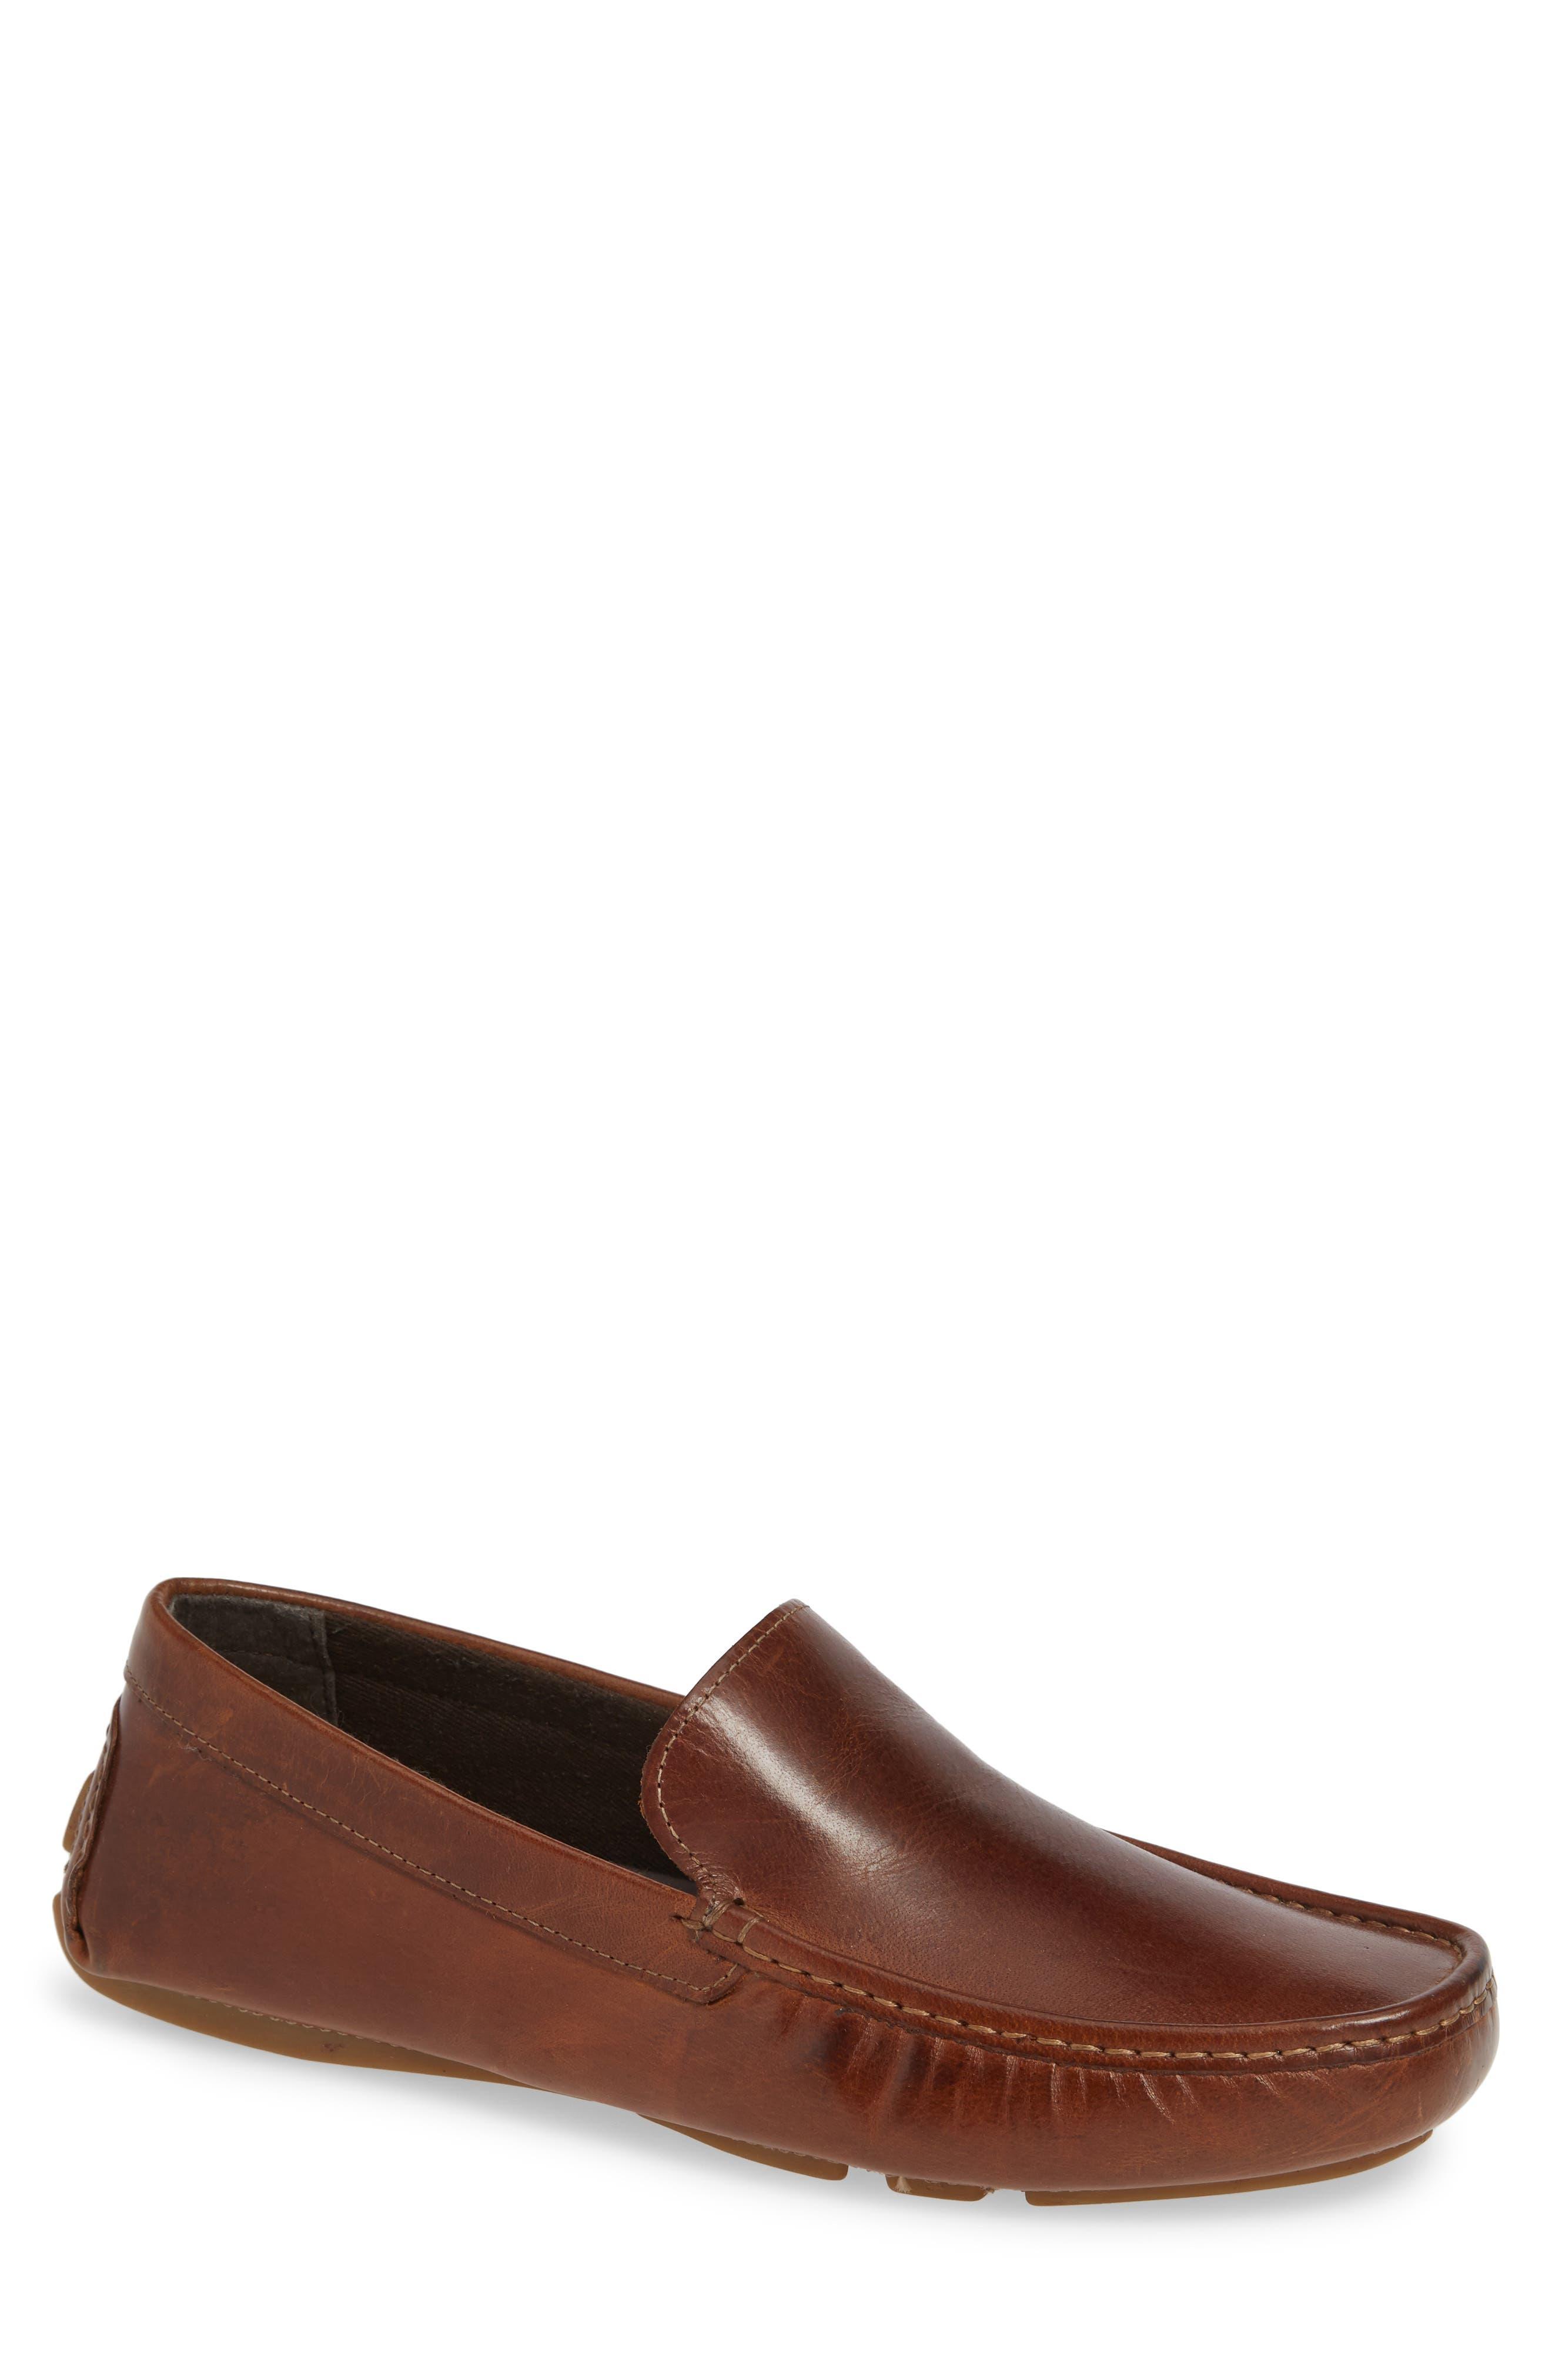 L.B. EVANS Alton Driving Shoe, Main, color, COGNAC LEATHER